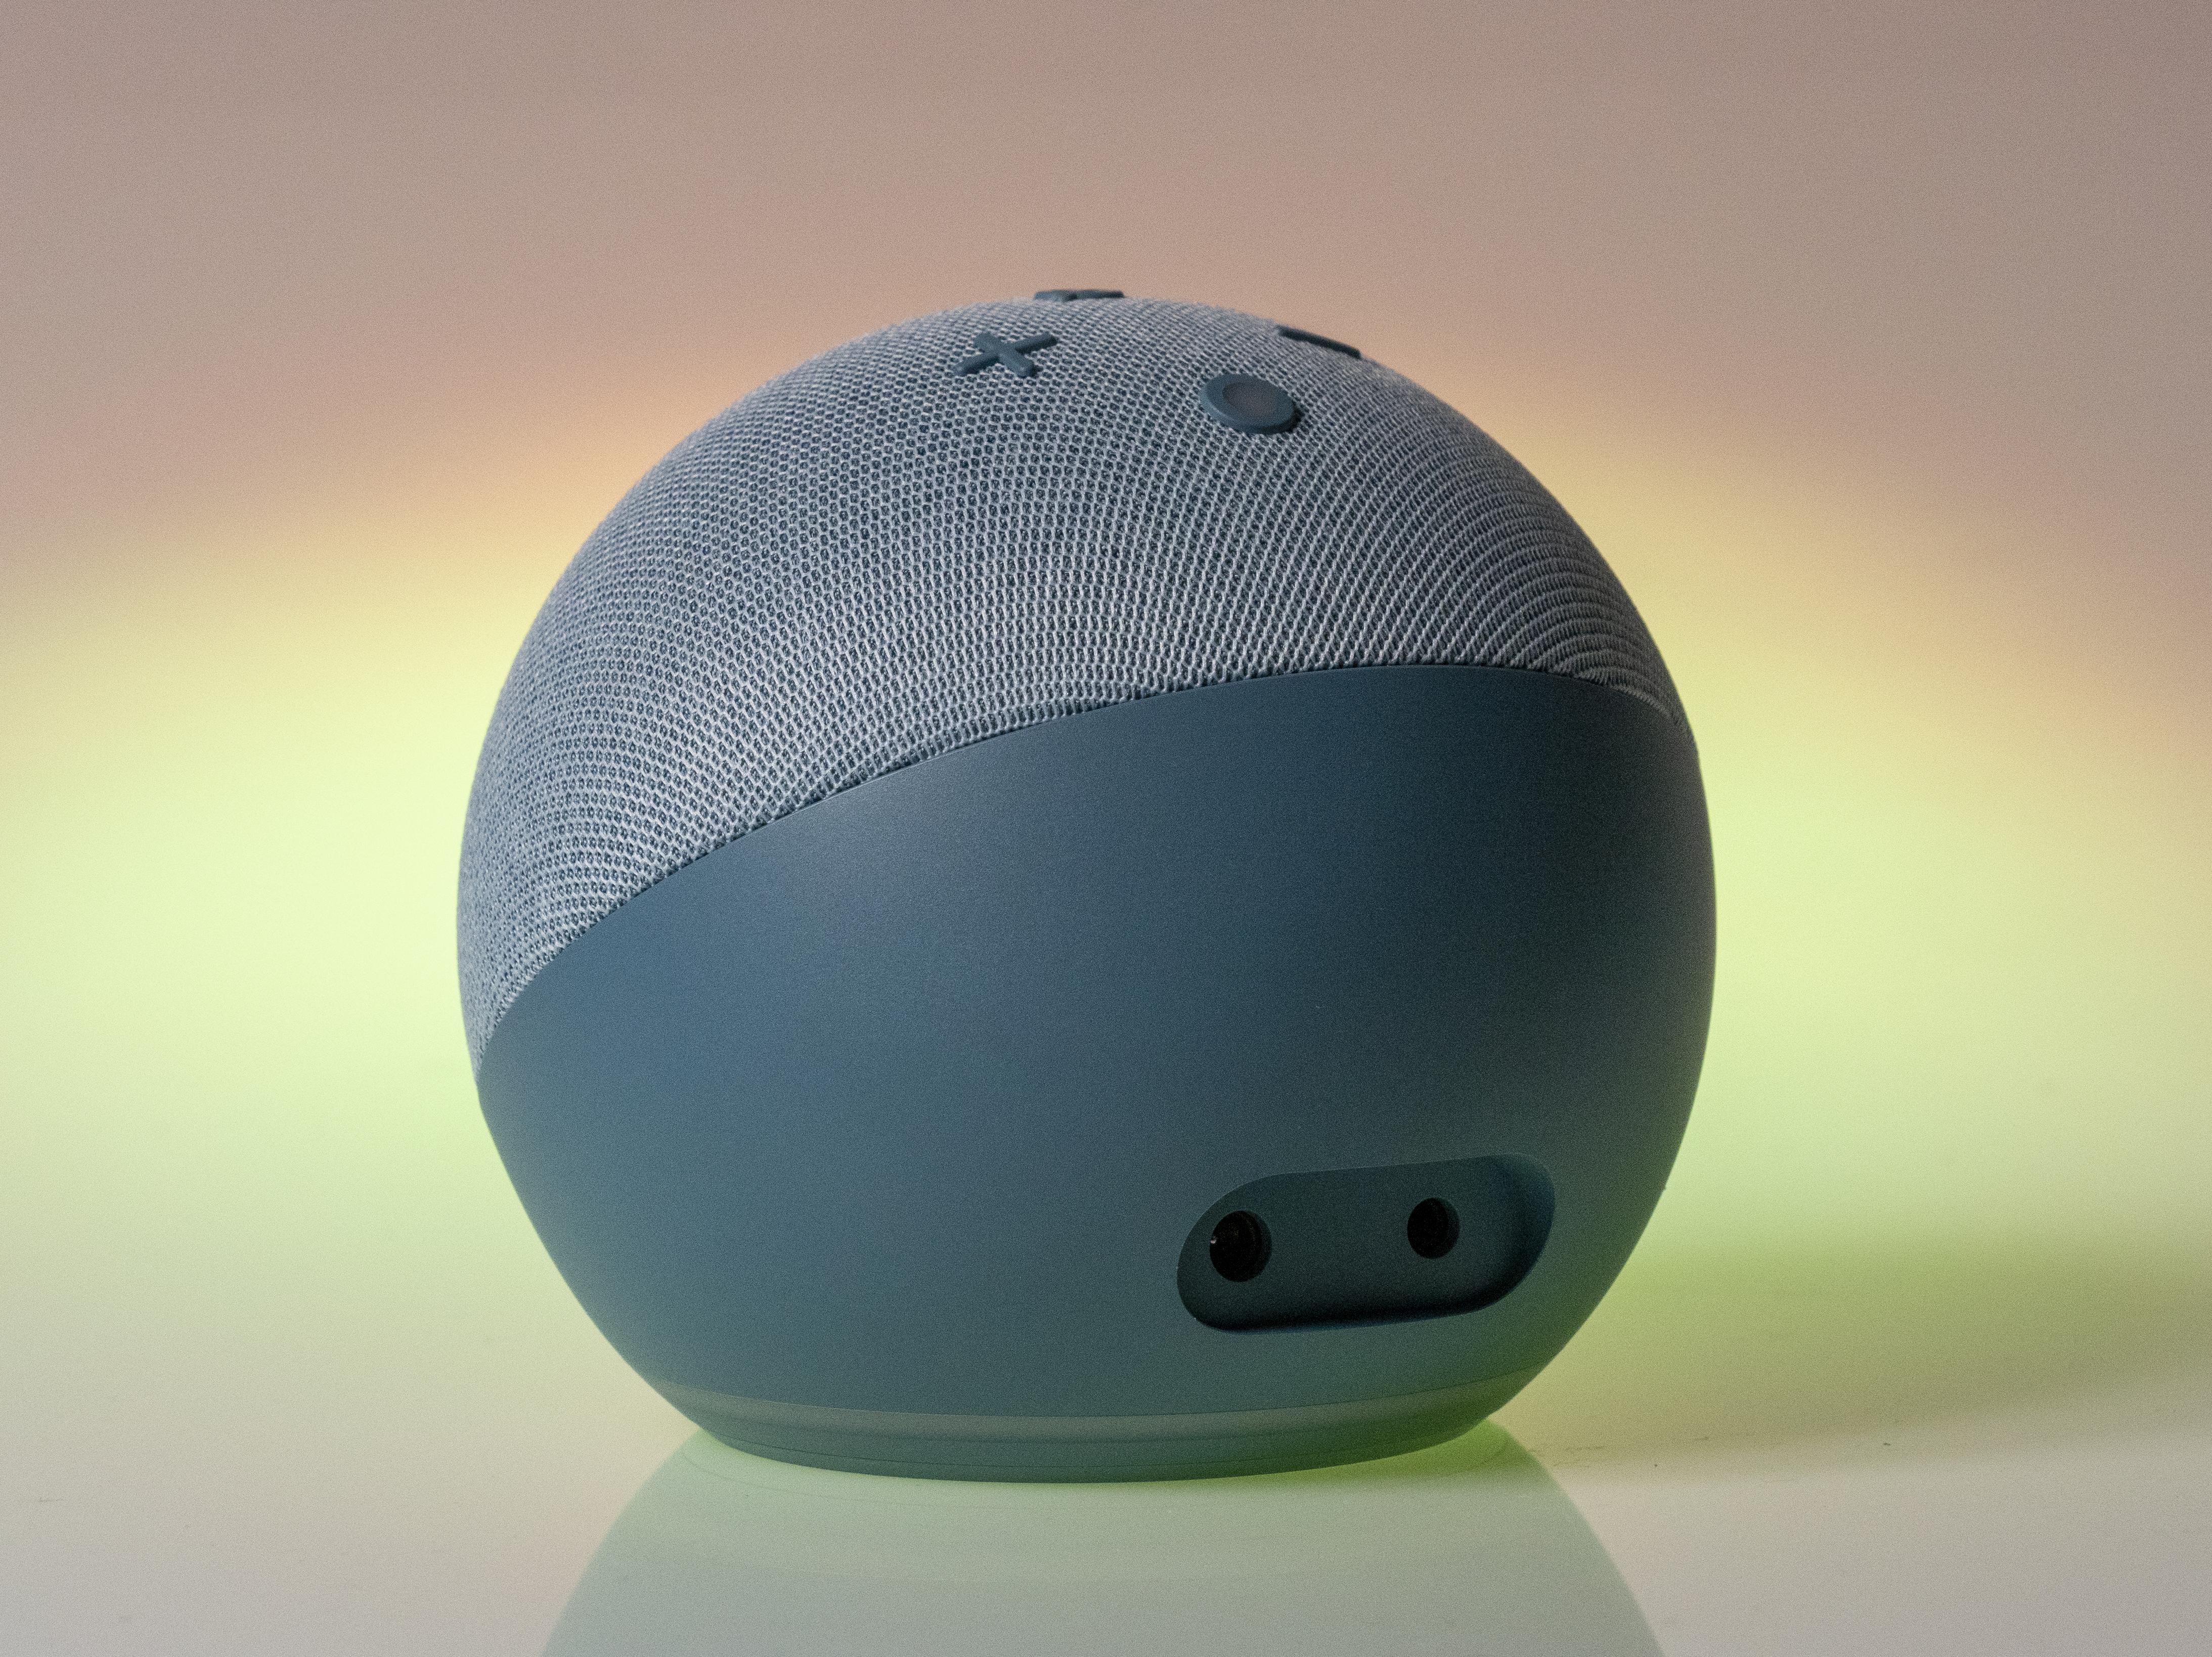 Amazon Echo Dot con orologio, recensione. Vale quello che costa